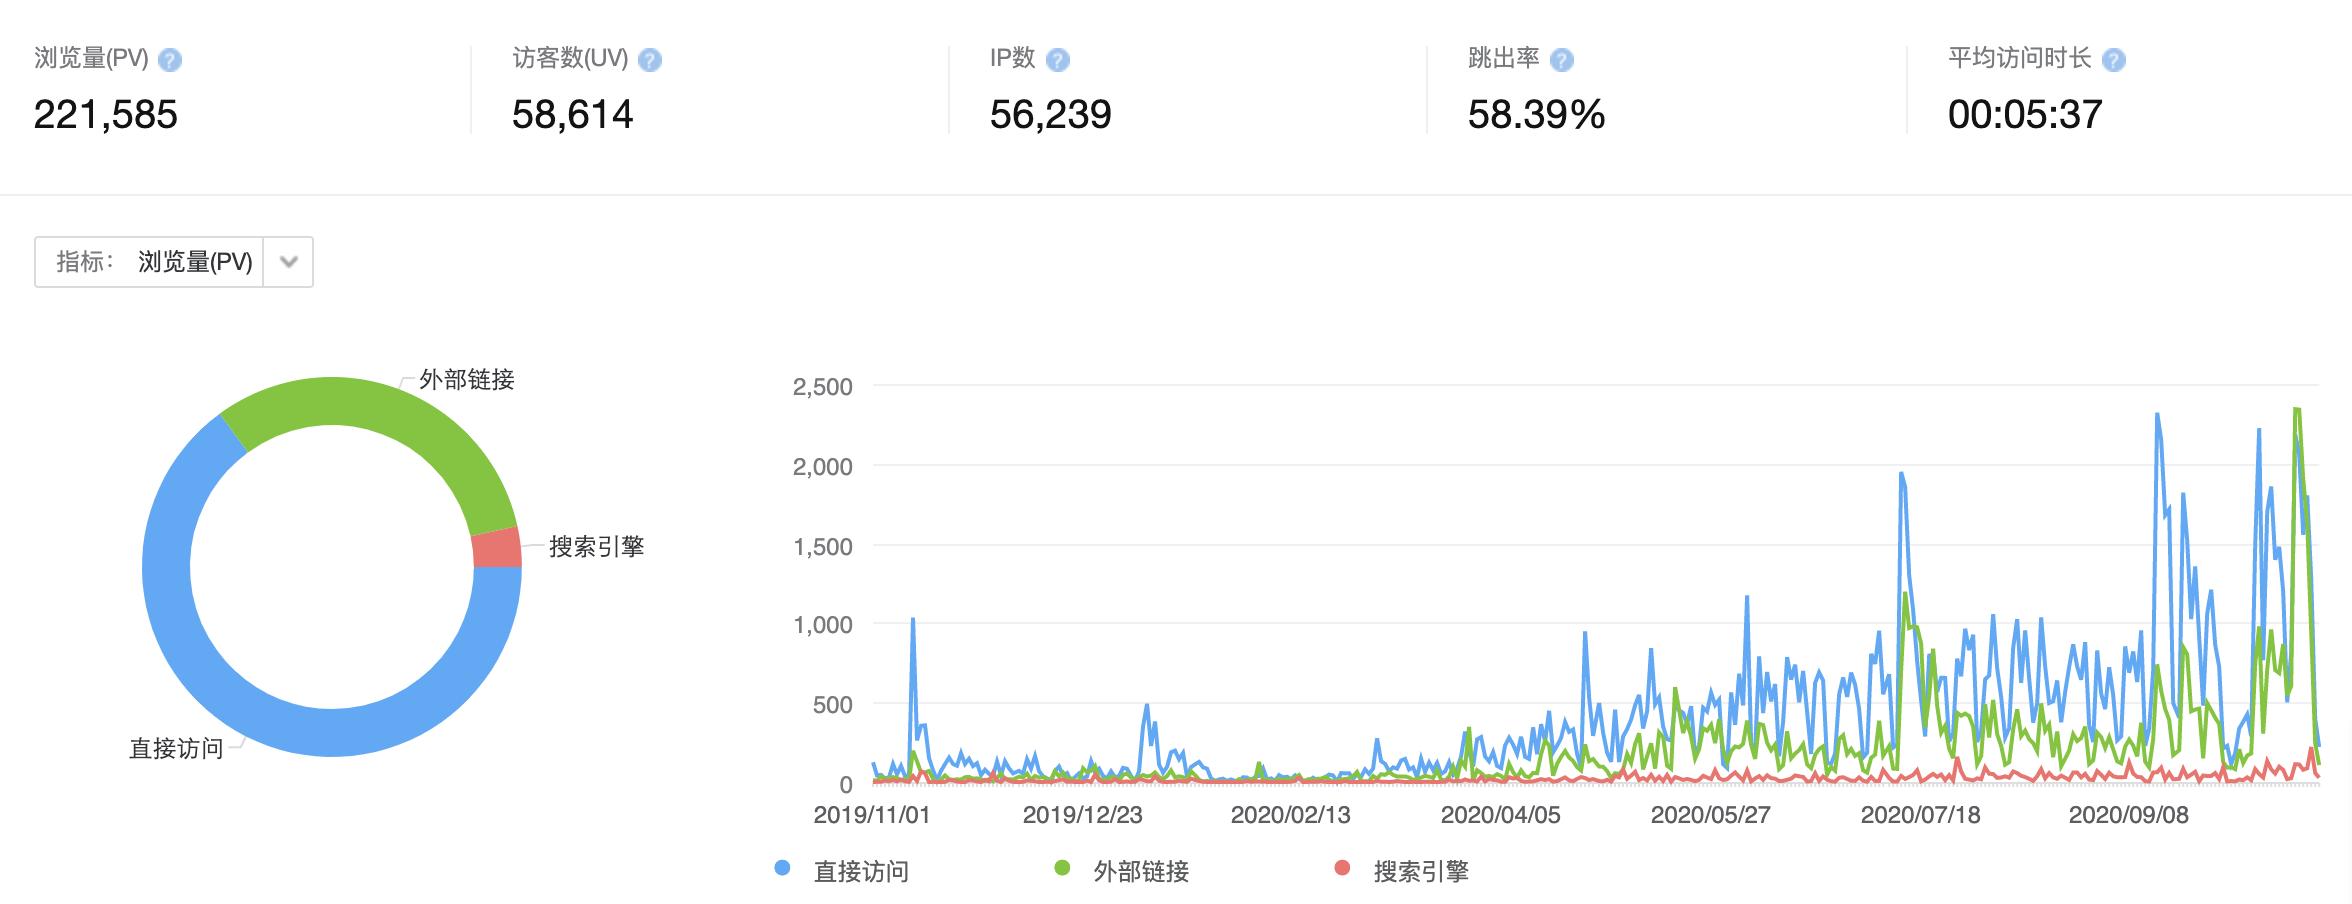 建站一年突破20万+PV